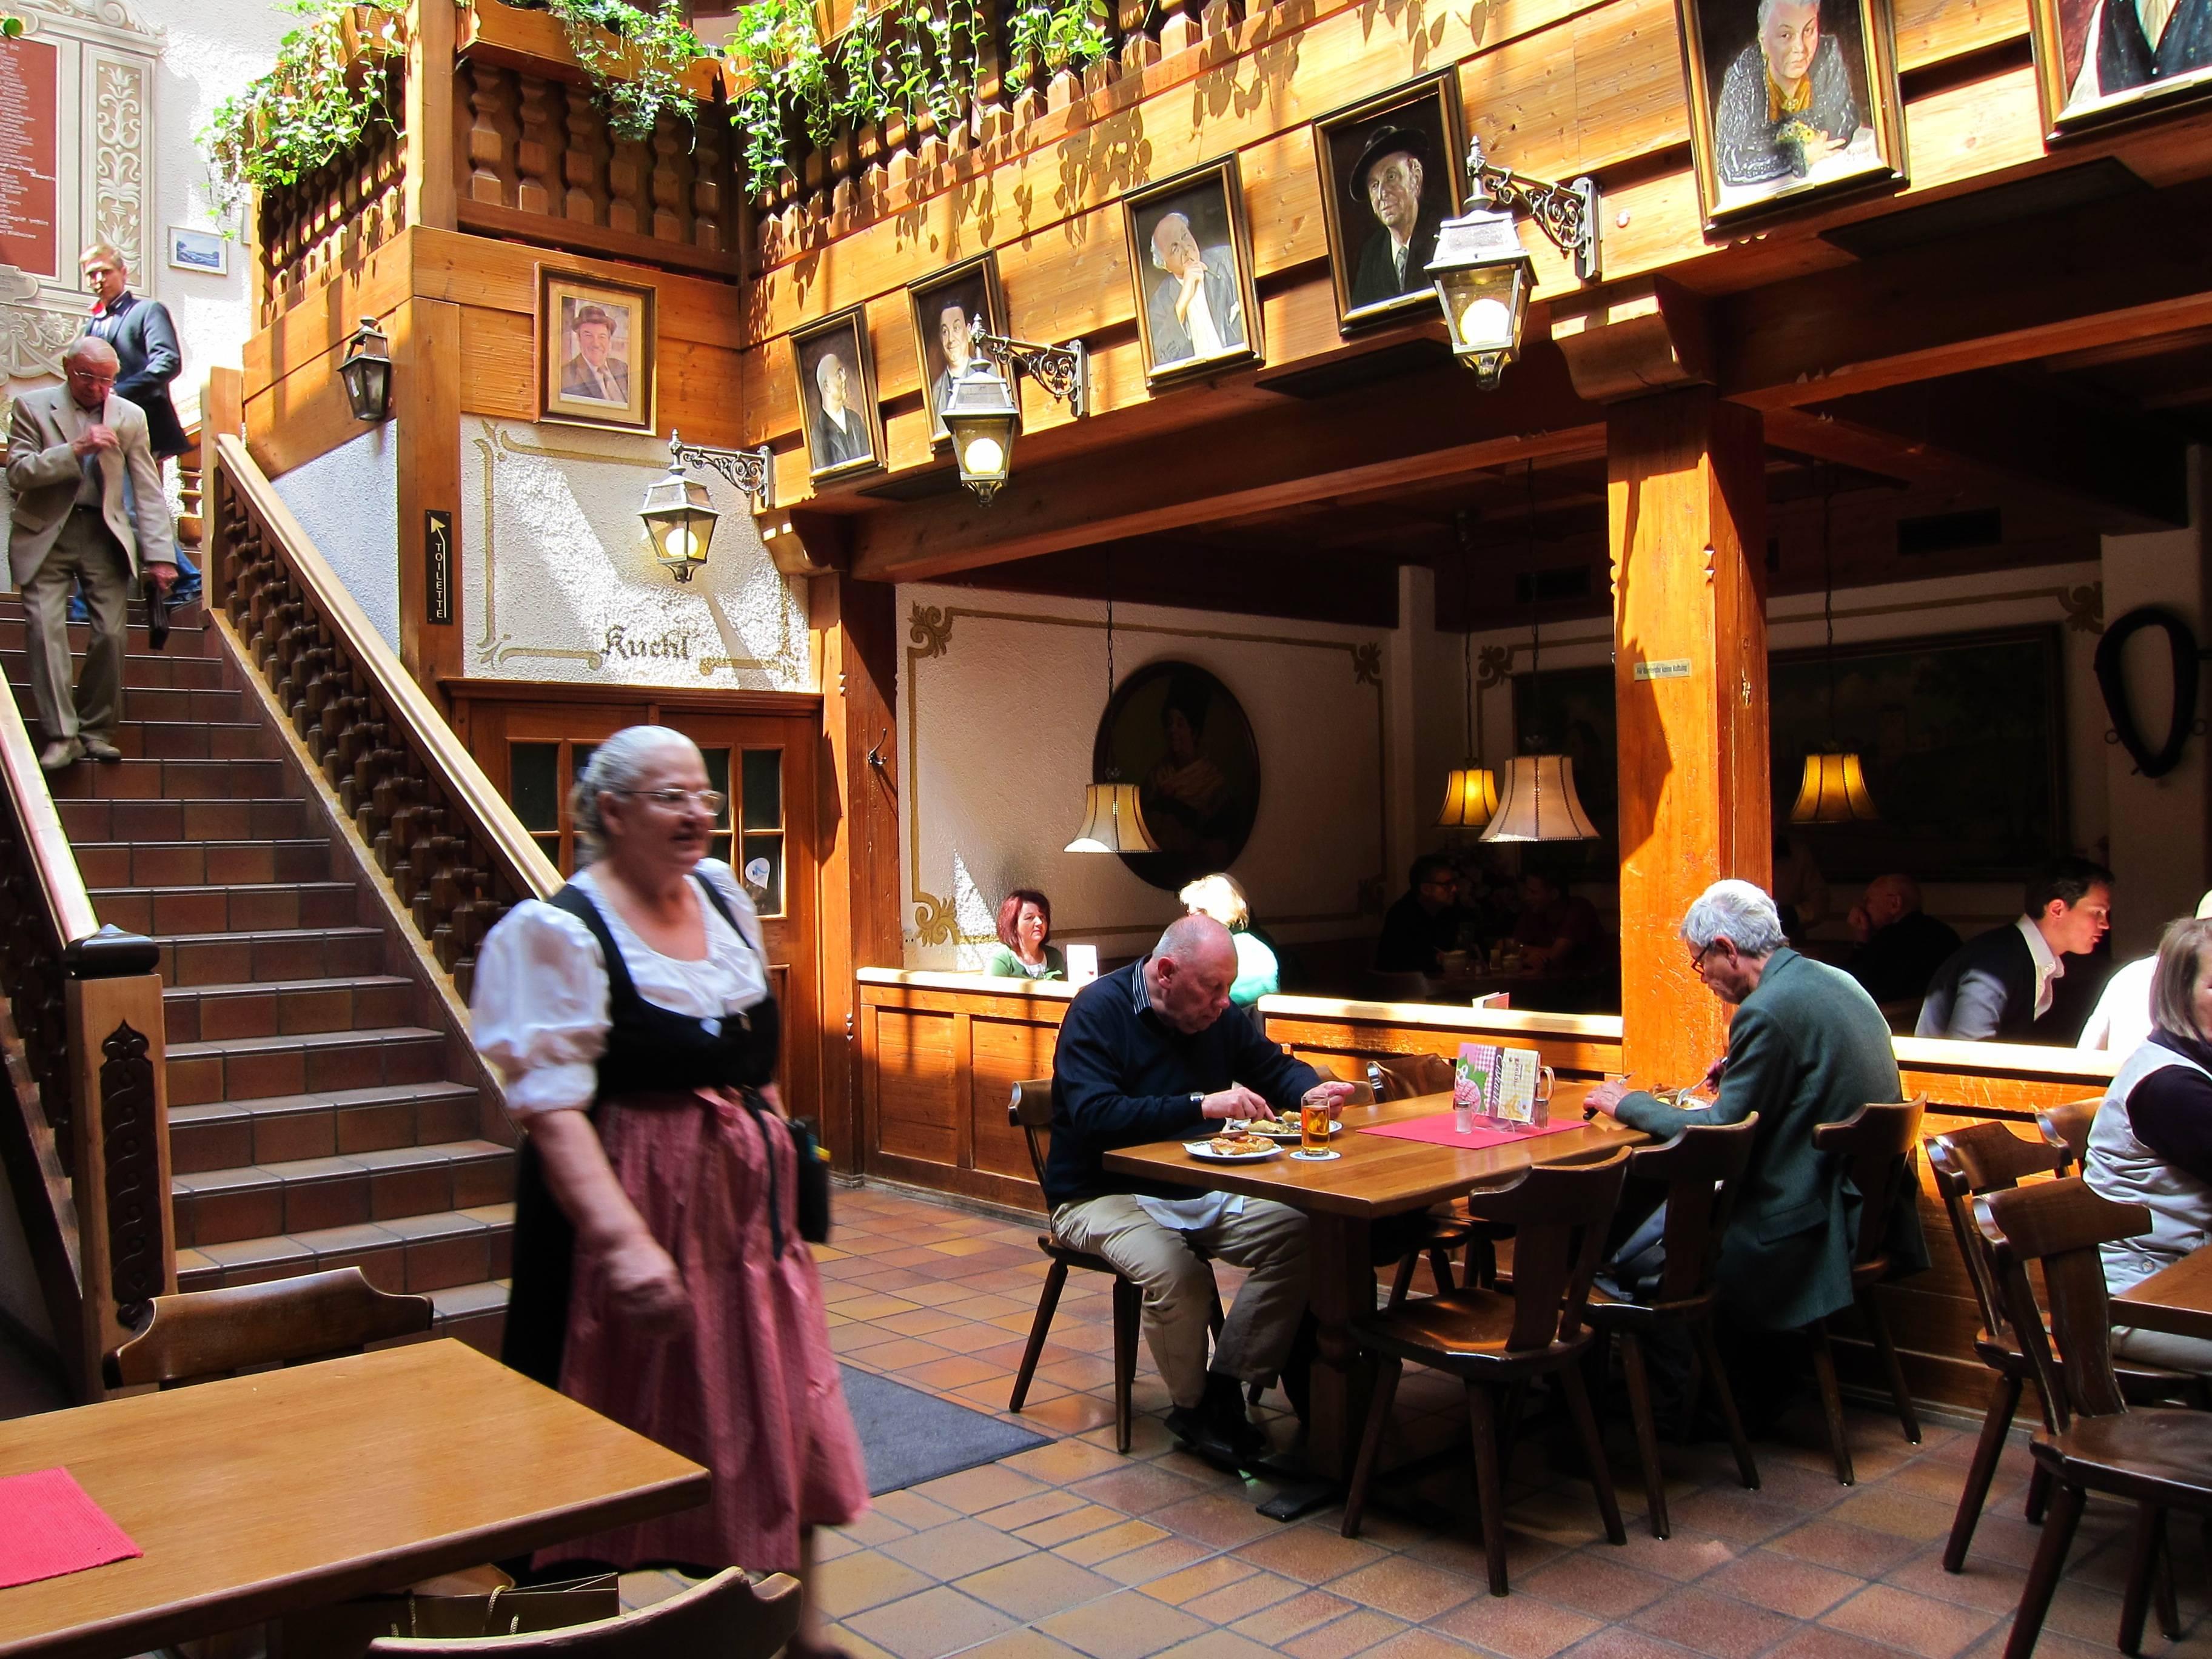 Где вкусно и недорого поесть в мюнхене, германия - советы путешественникам